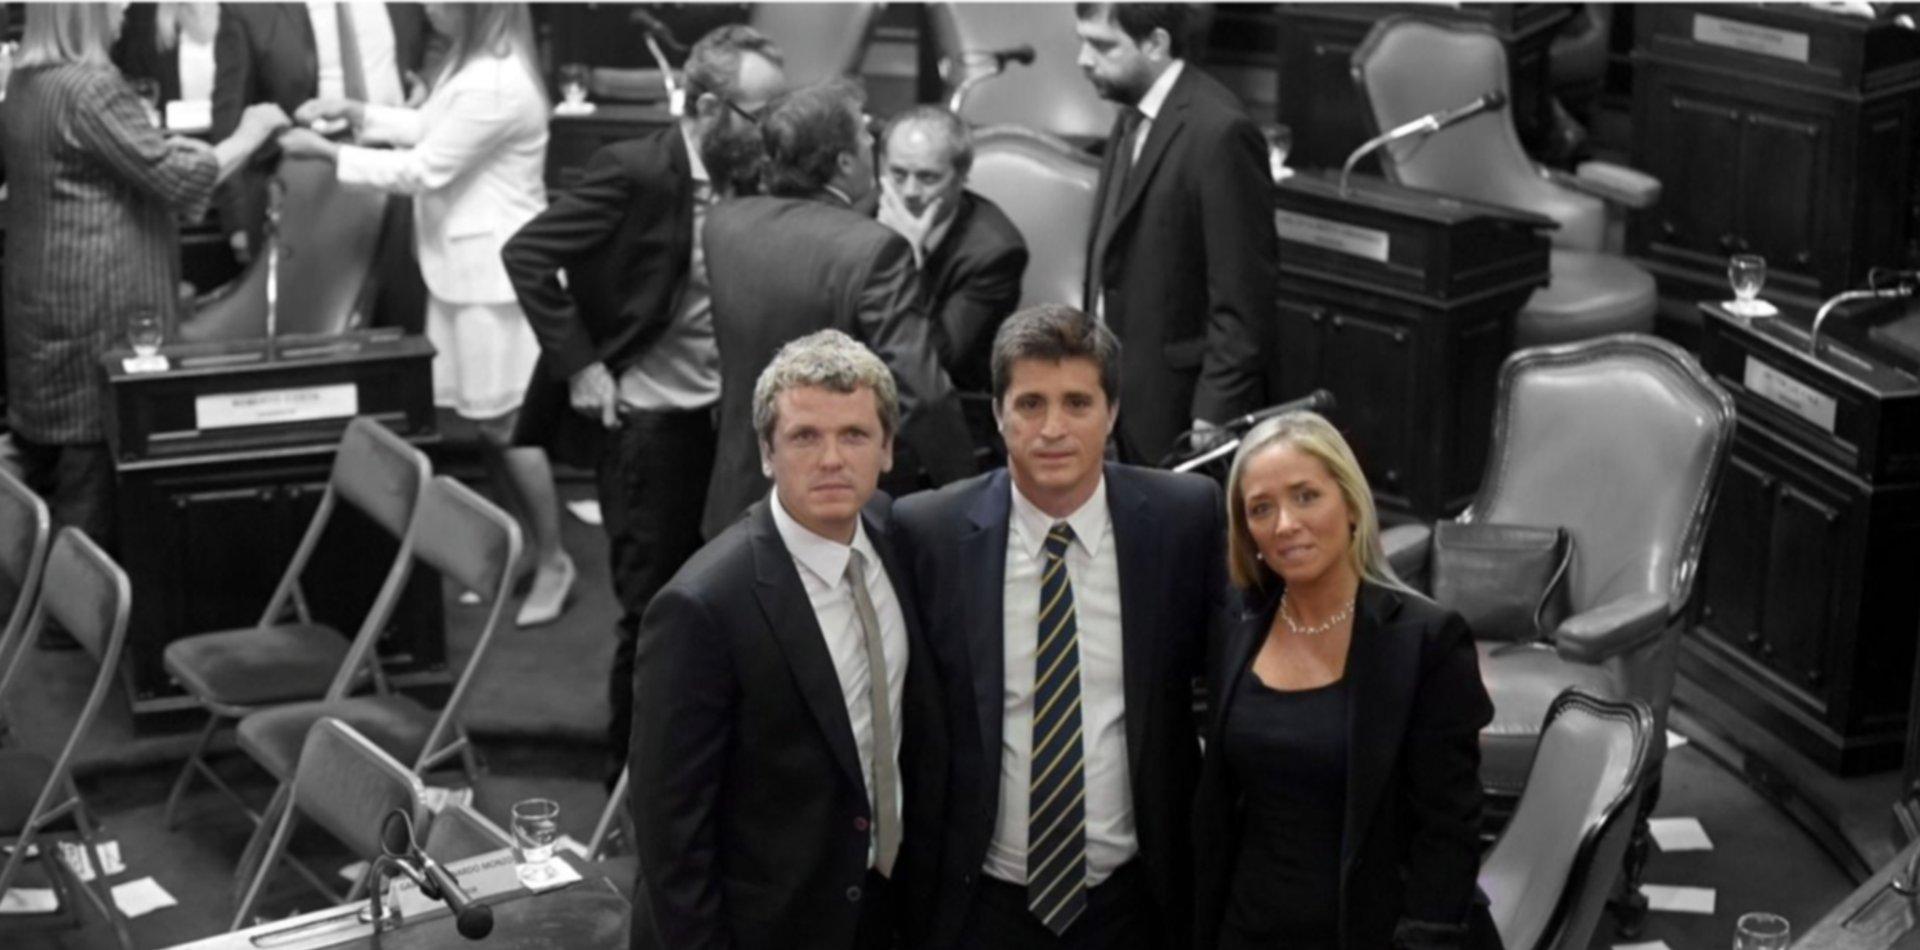 Con la multa contra Edelap, la Provincia dejó mal parados a los senadores de La Plata